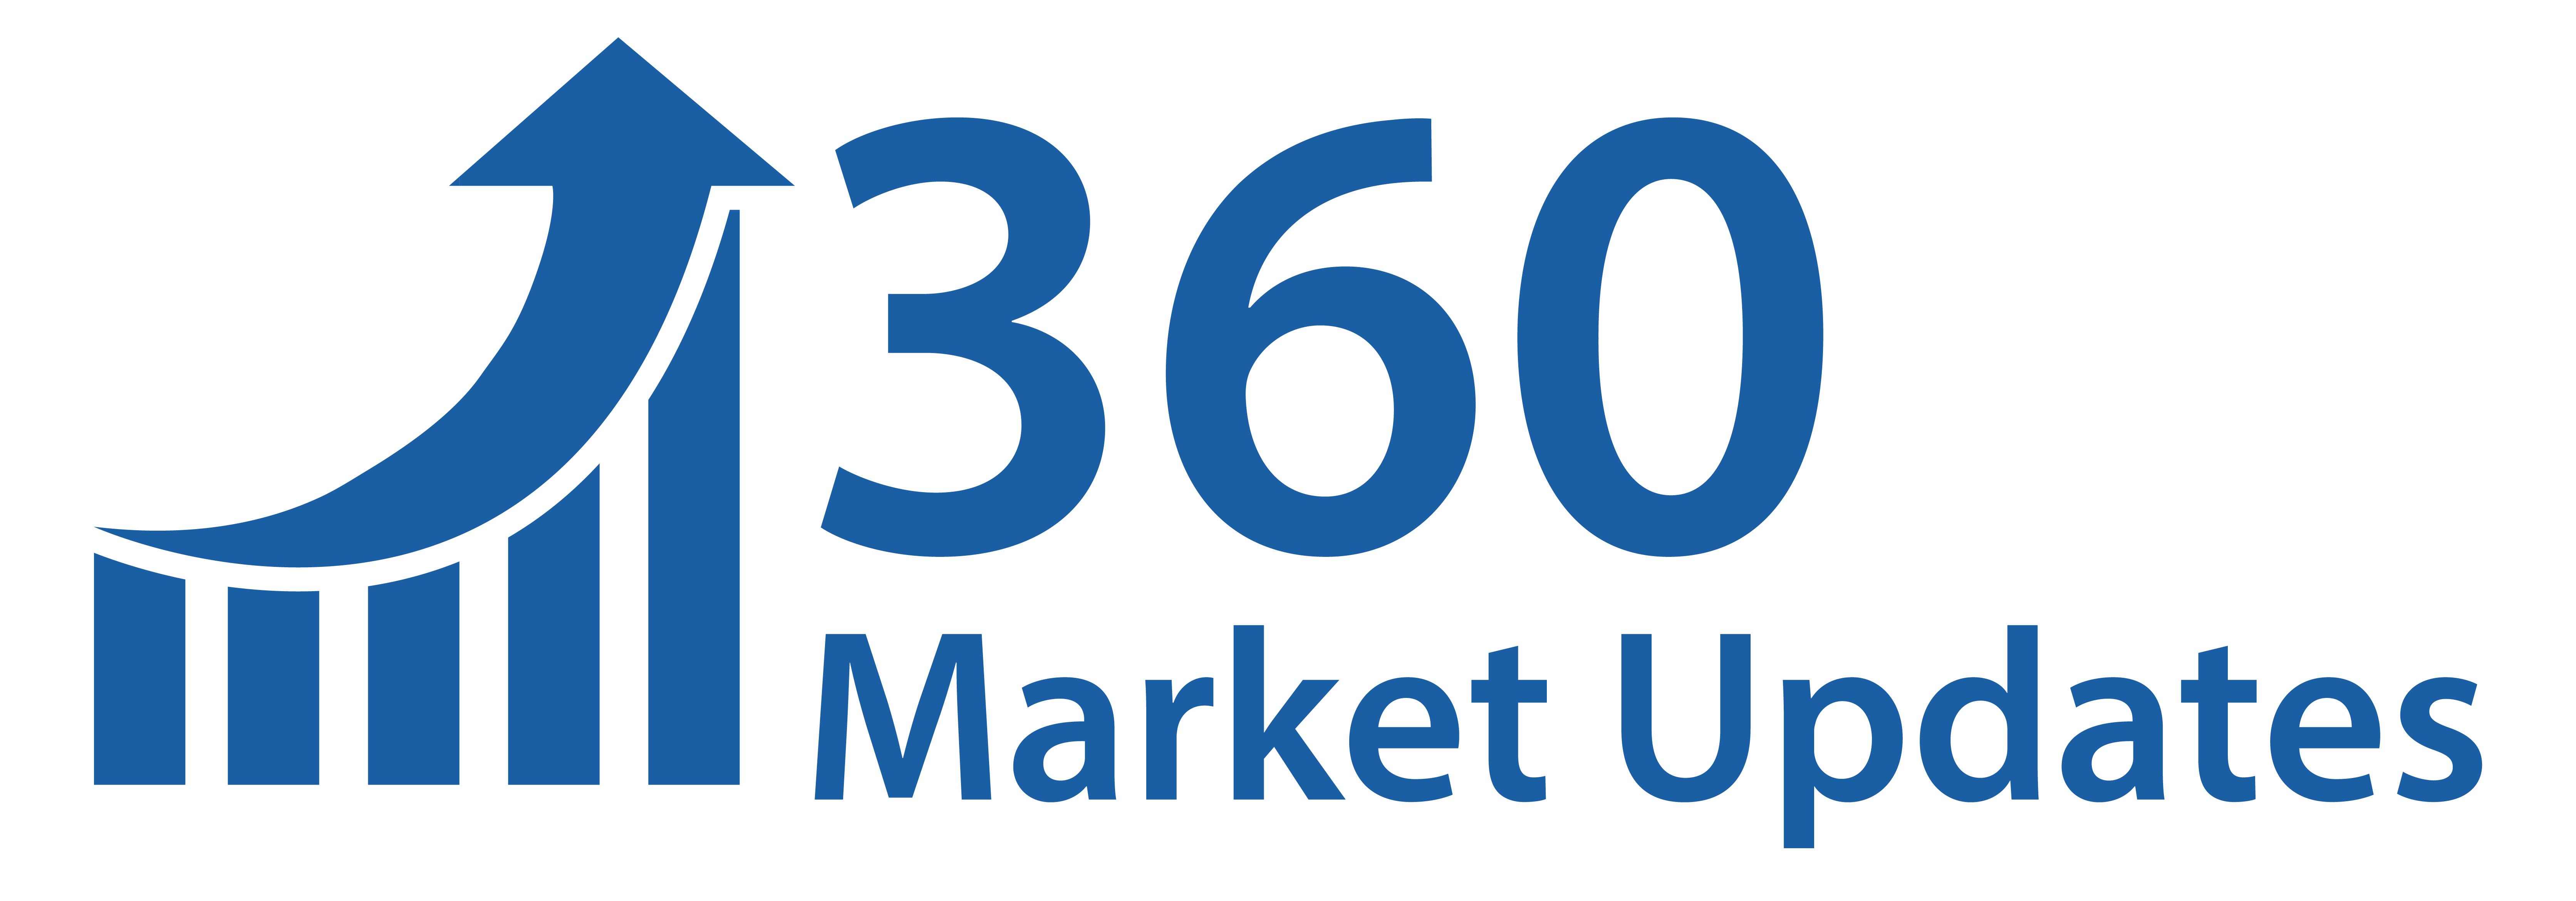 Global Gerotor Pump Market 2020 Global Industry Size, Tendencias Recientes, Demanda y Estimación de Acciones para 2025 con los mejores jugadores - Dice 360marketupdates.com